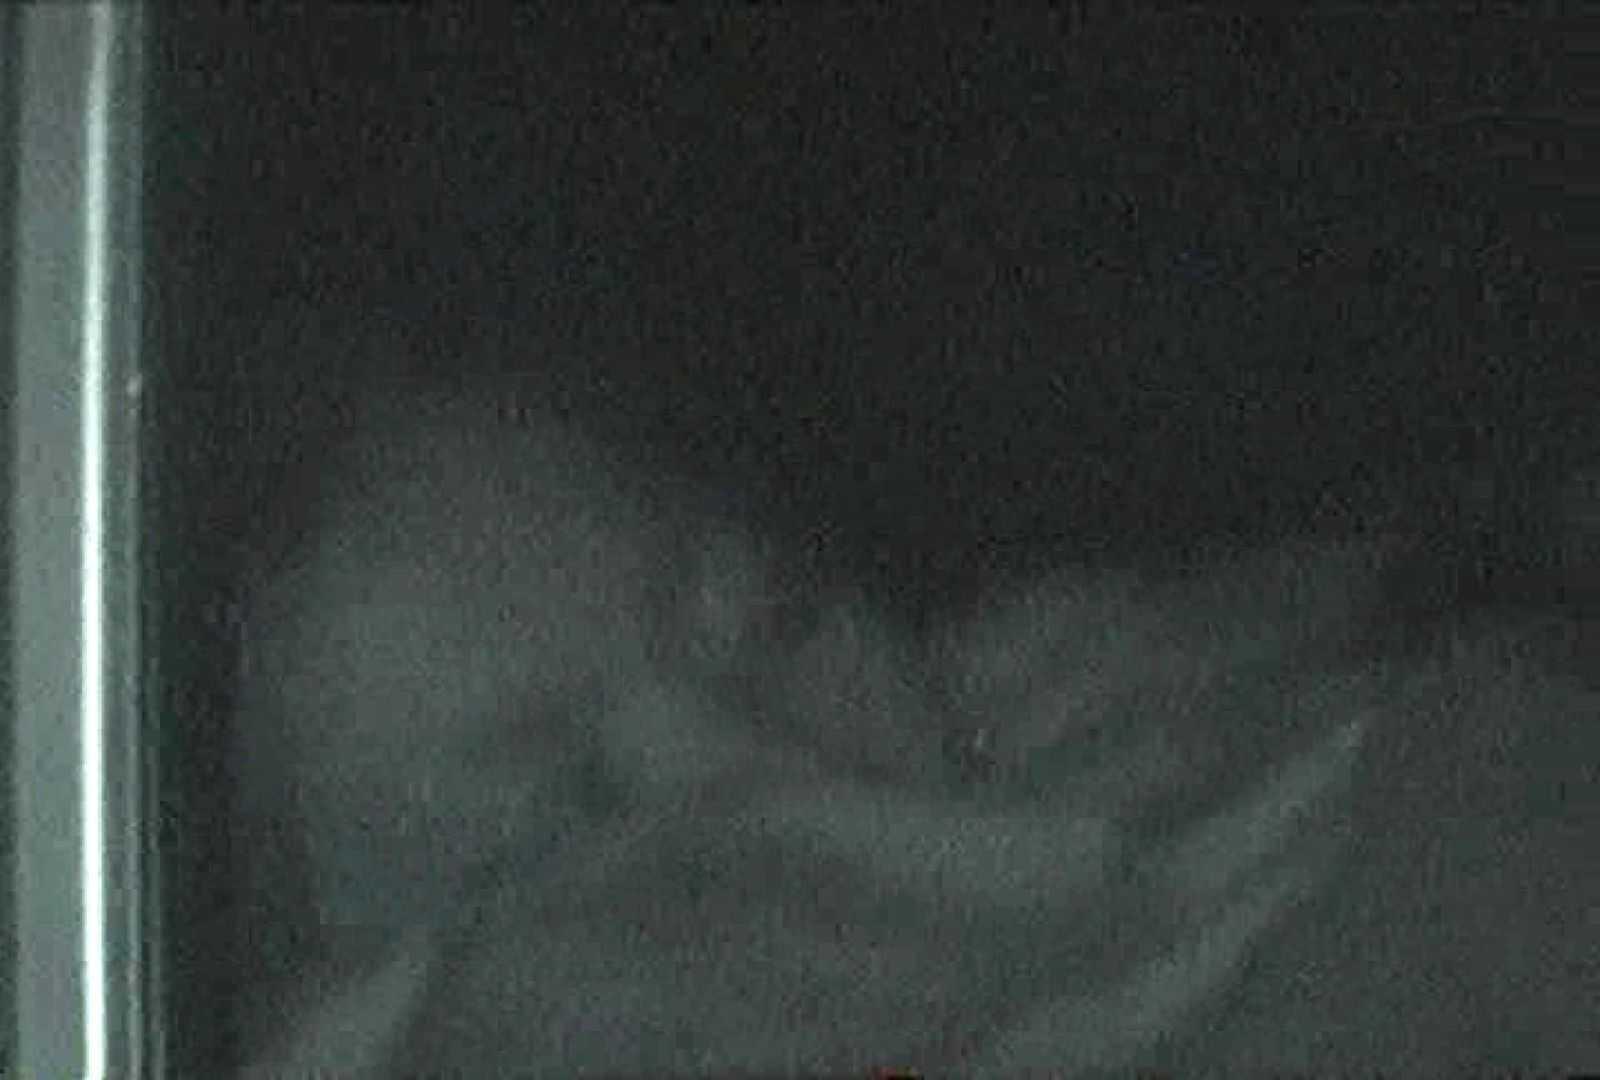 充血監督の深夜の運動会Vol.100 カップル AV動画キャプチャ 67画像 44